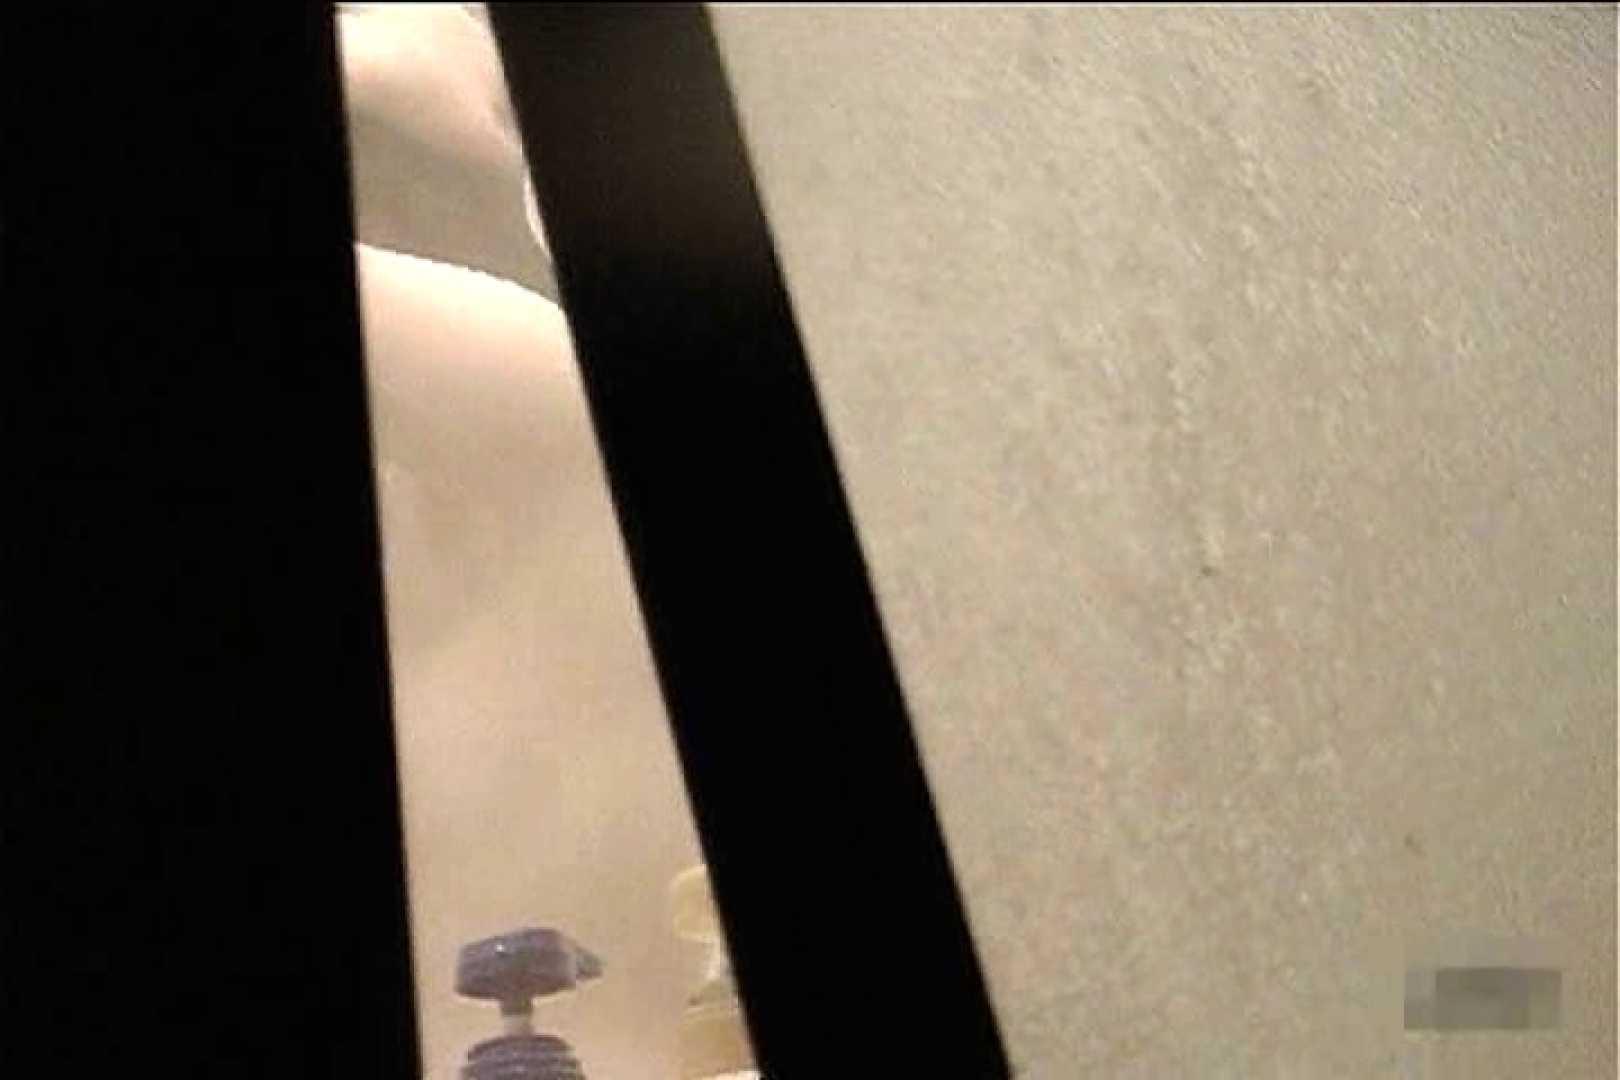 激撮ストーカー記録あなたのお宅拝見しますVol.11 エロすぎオナニー  63画像 56